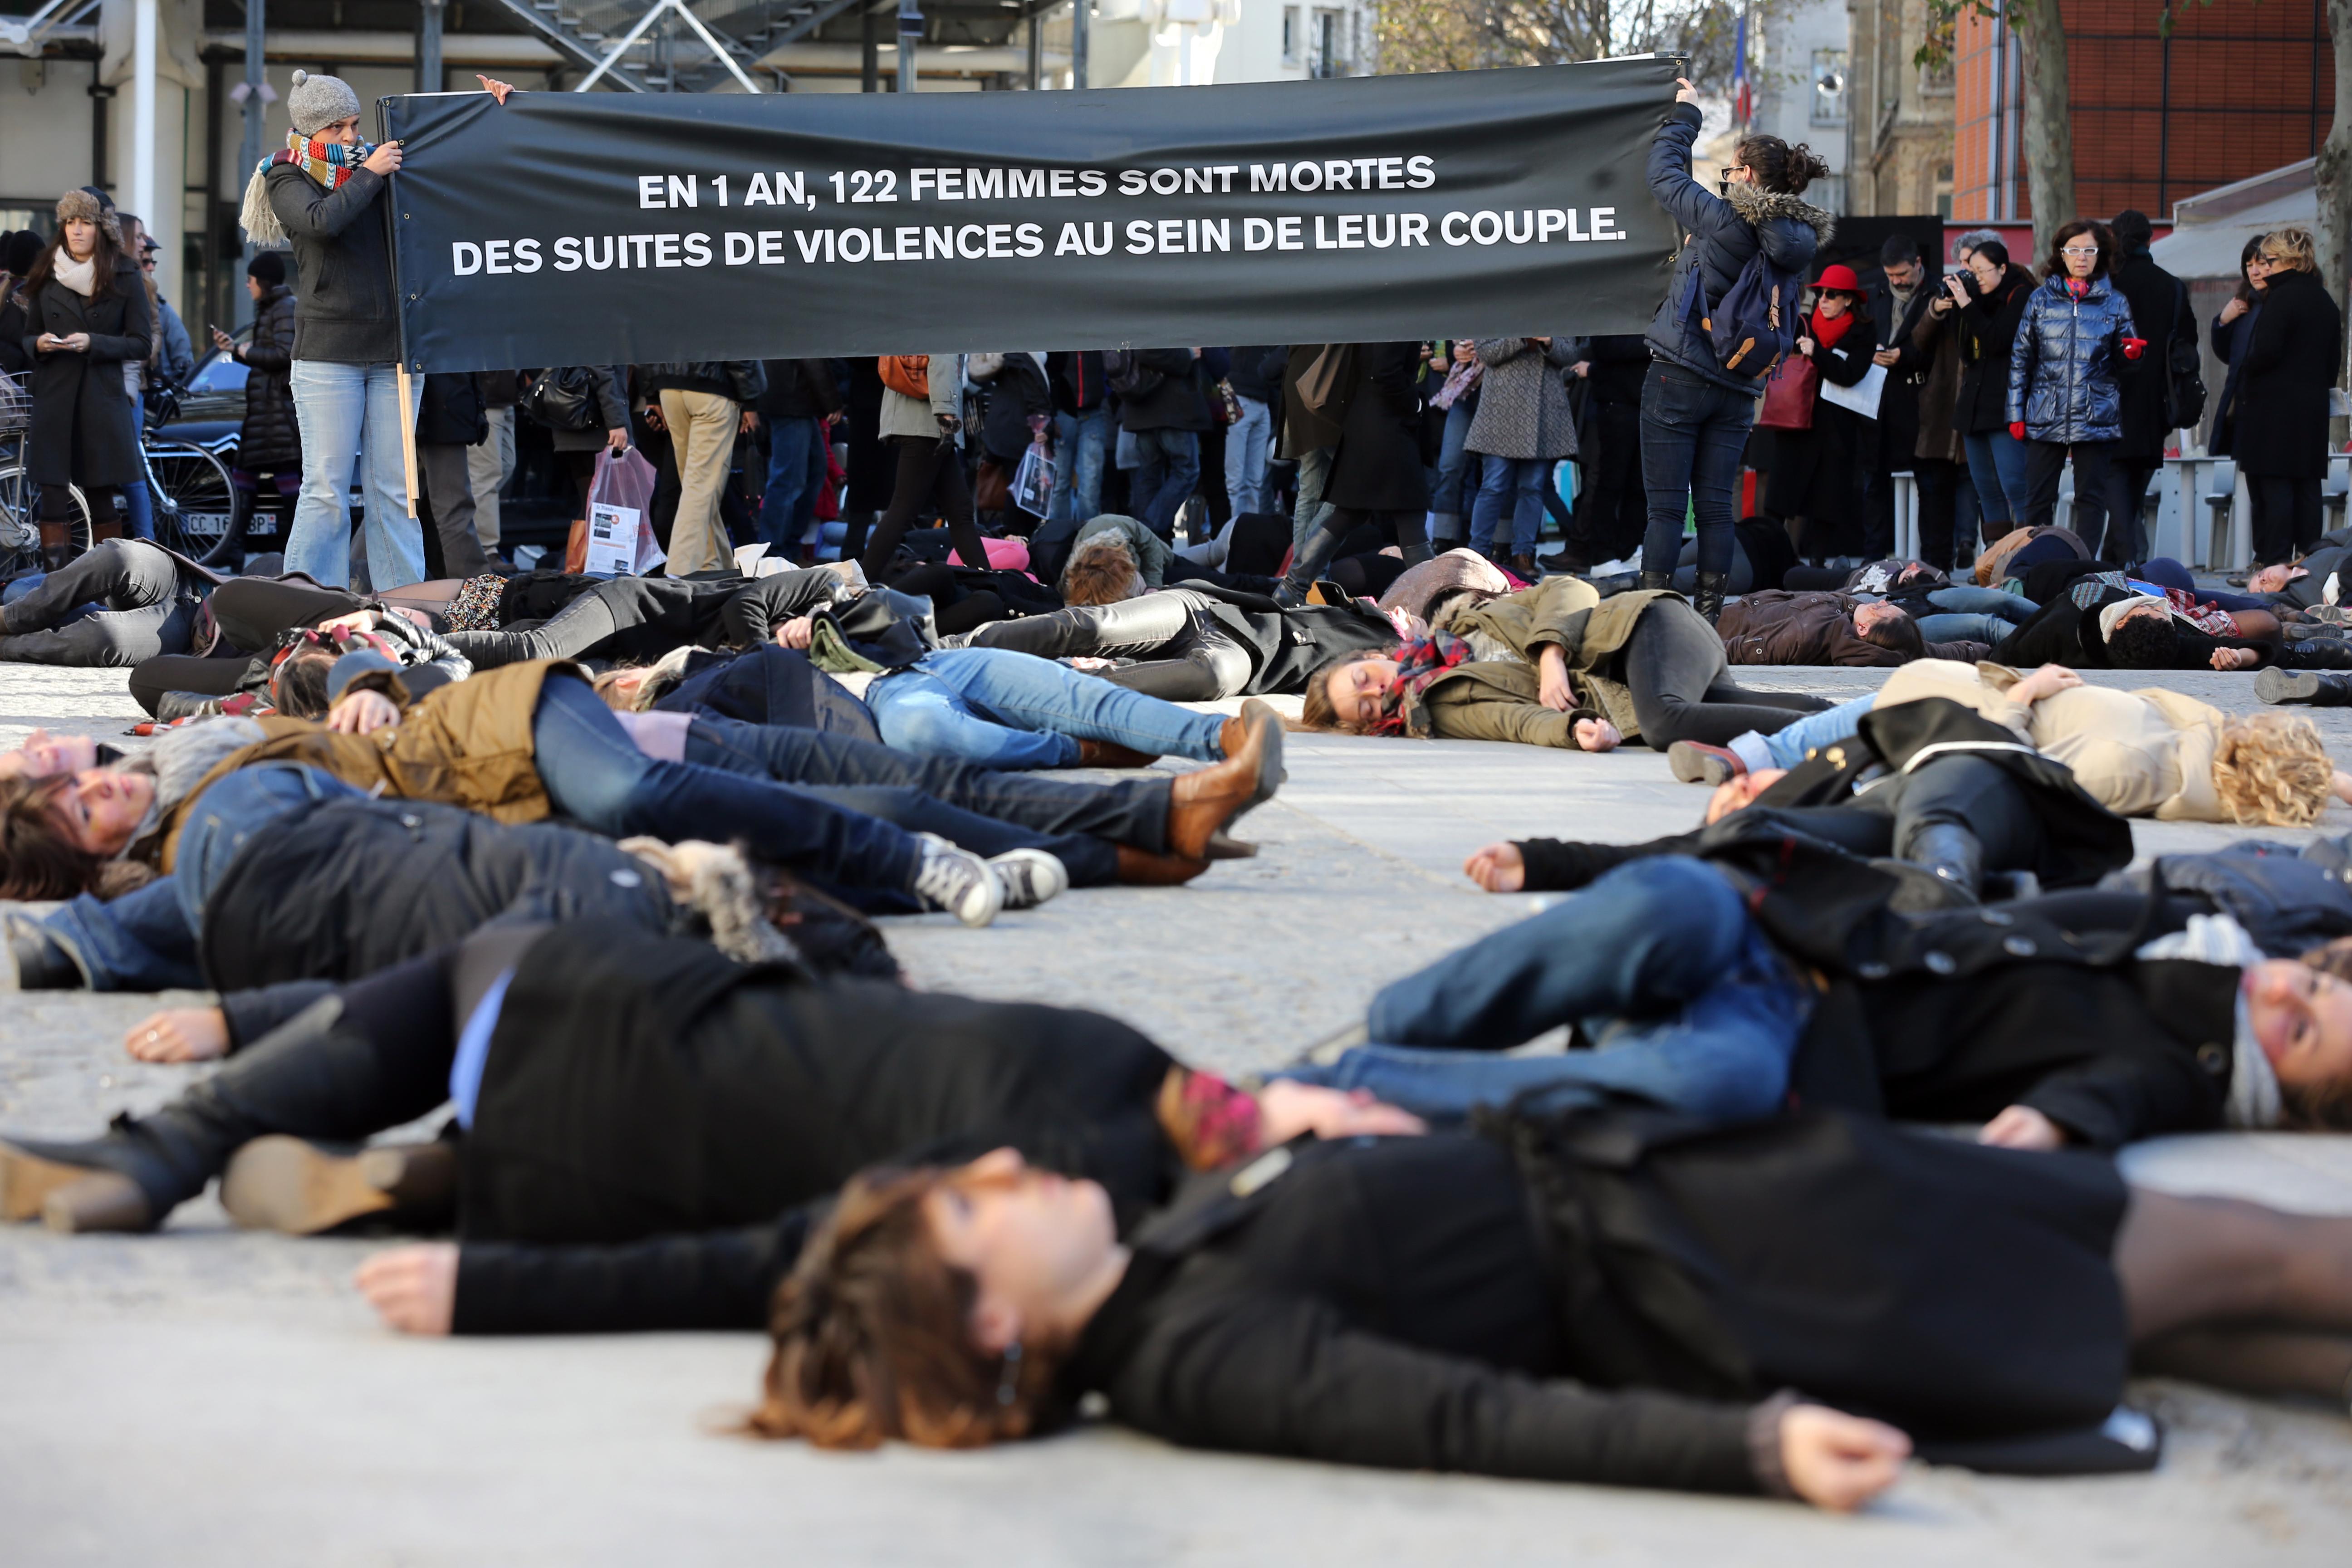 En France, les violences conjugales tuent une femme tous les trois jours